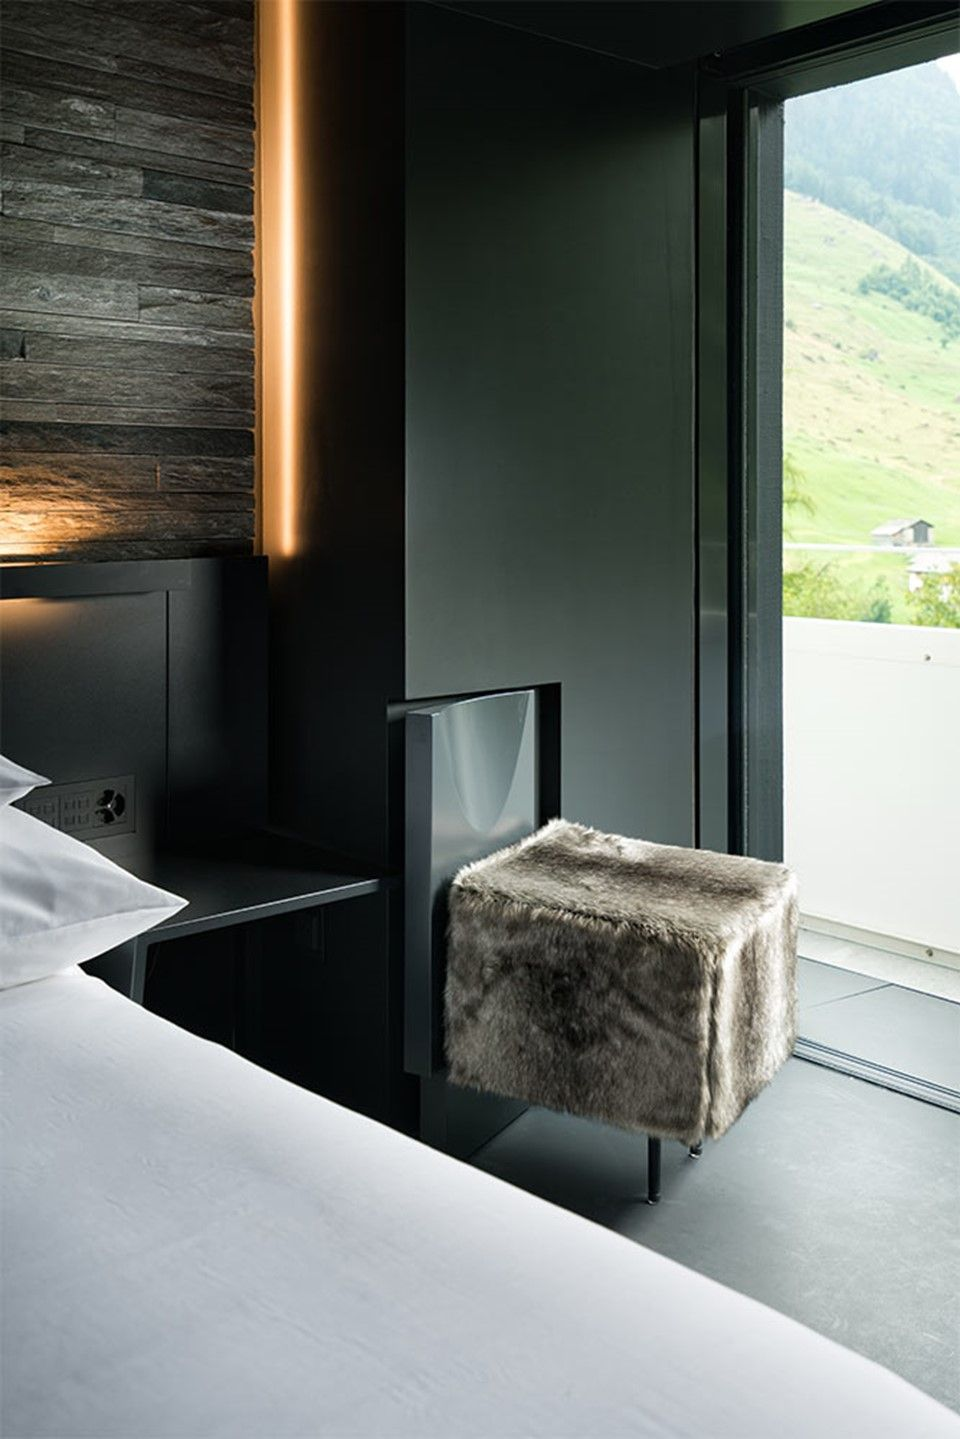 Hotel Room Inspiration: 「Interior-Hotel」おしゃれまとめの人気アイデア Pinterest Jo-chia Huang(画像あり)